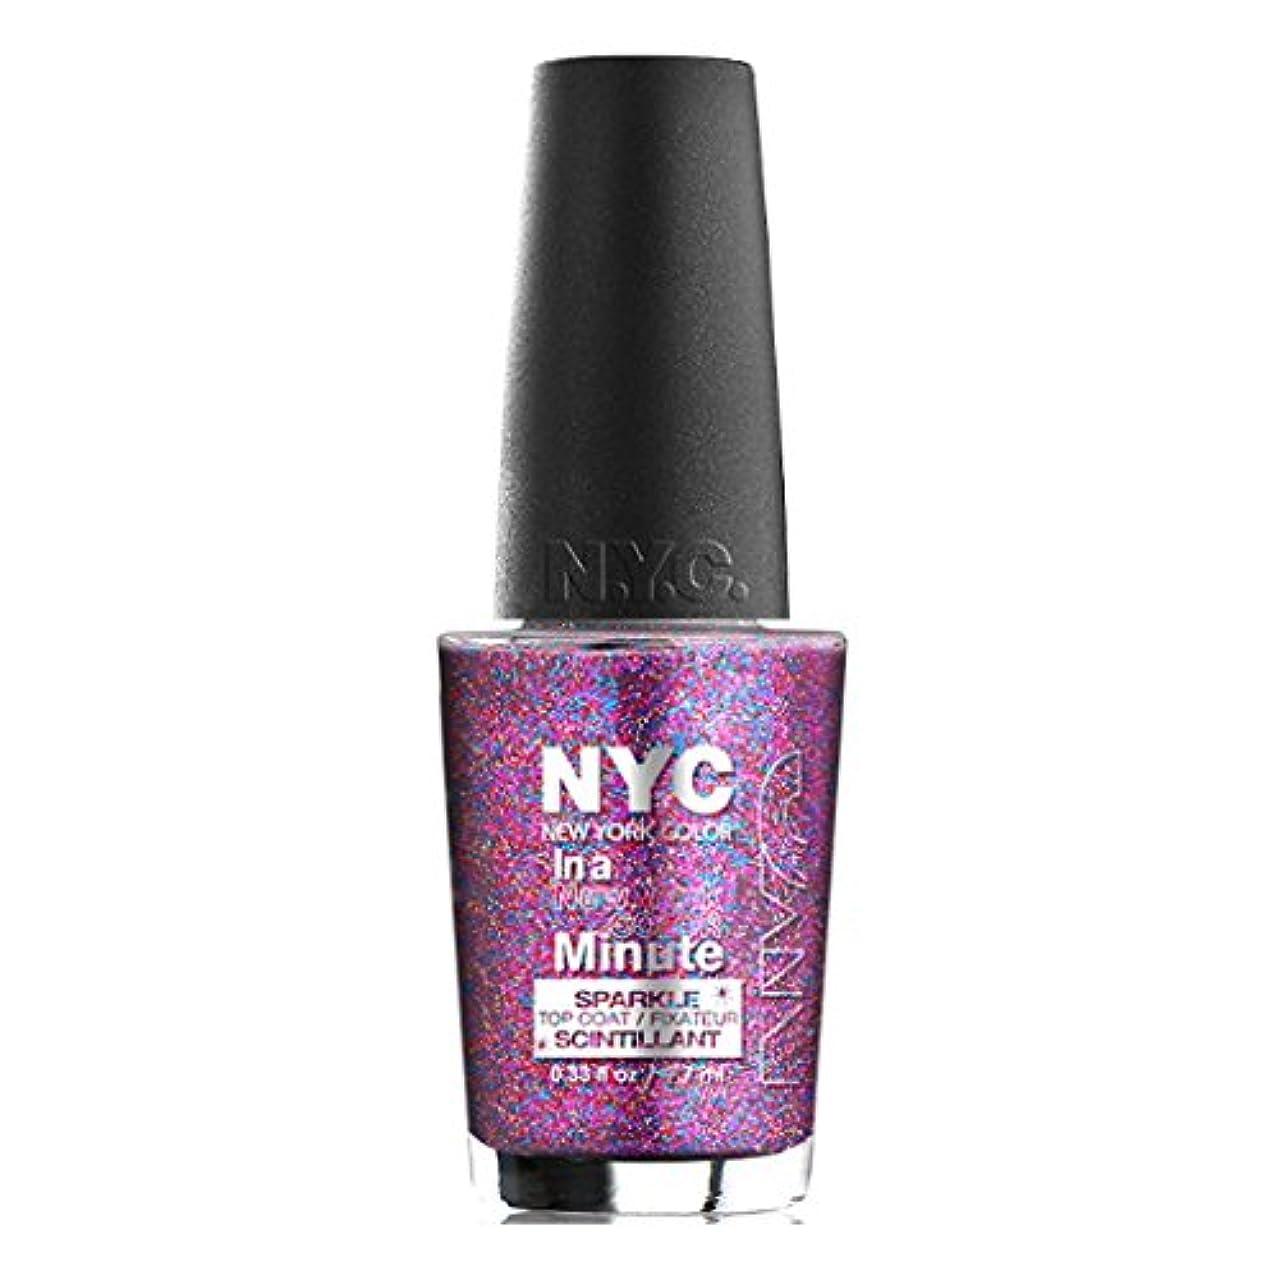 修正抽出オズワルドNYC In A New York Color Minute Sparkle Top Coat Big City Dazzle (並行輸入品)